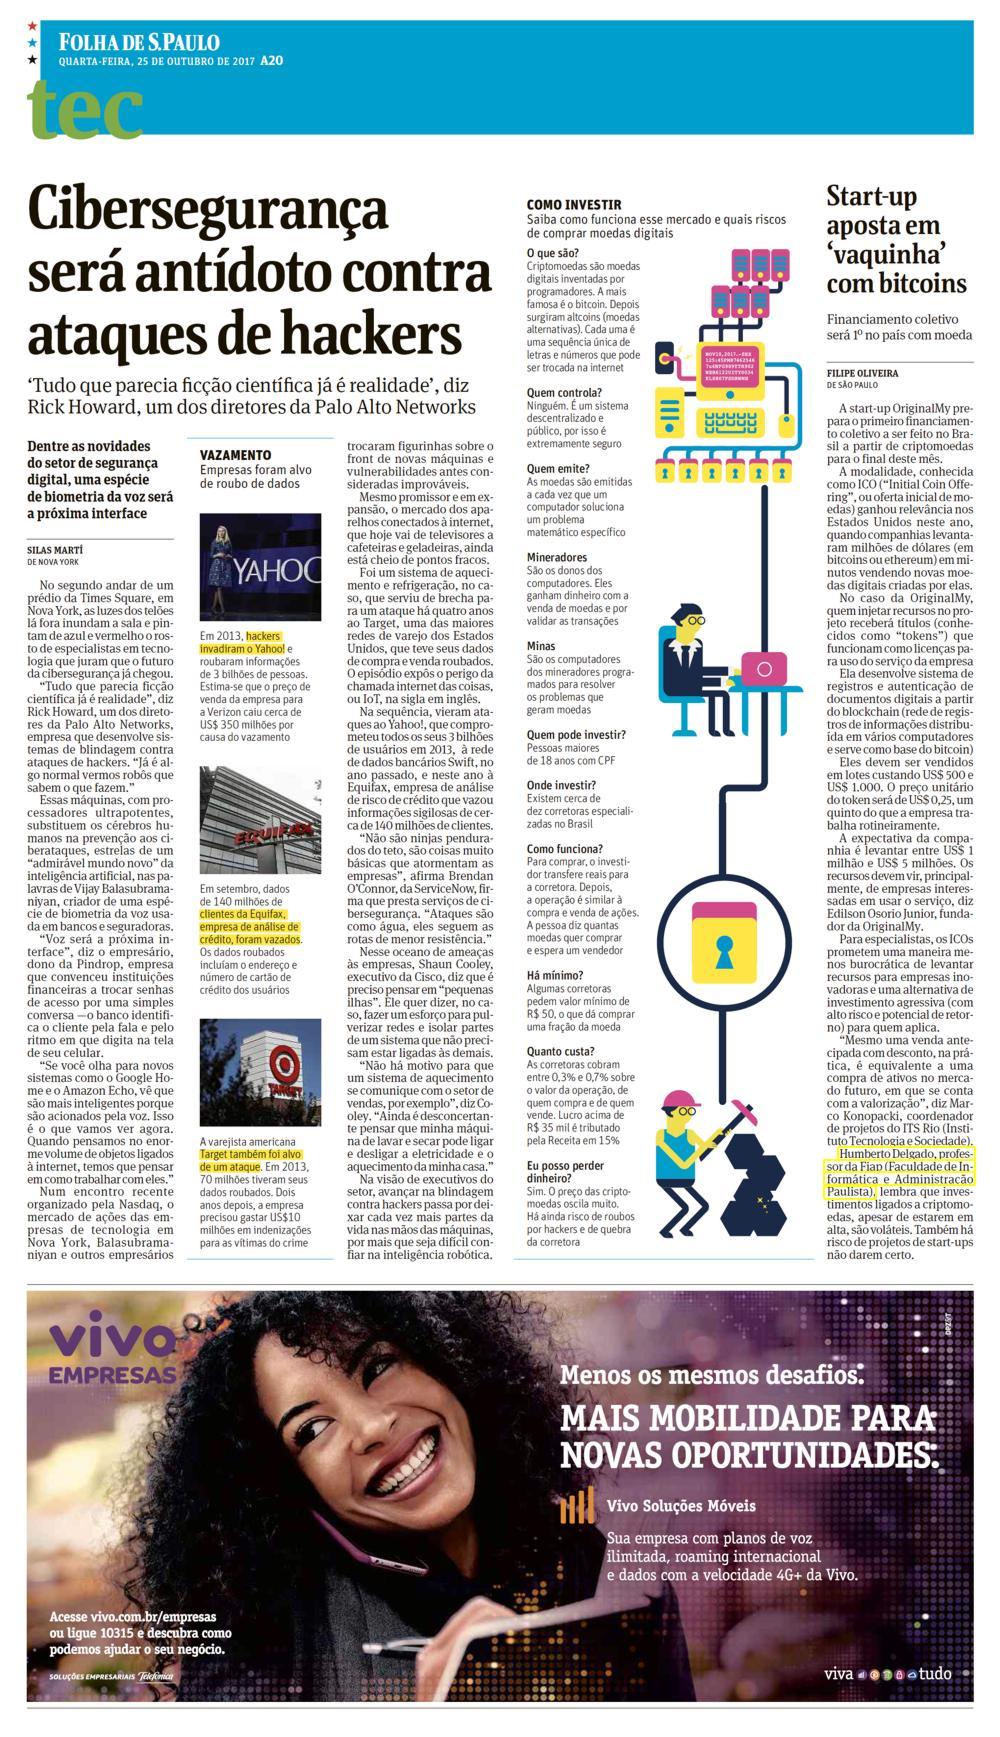 """3600883eec Jornal Folha de S.Paulo – Notícias (START-UP APOSTA EM """"VAQUINHA ..."""